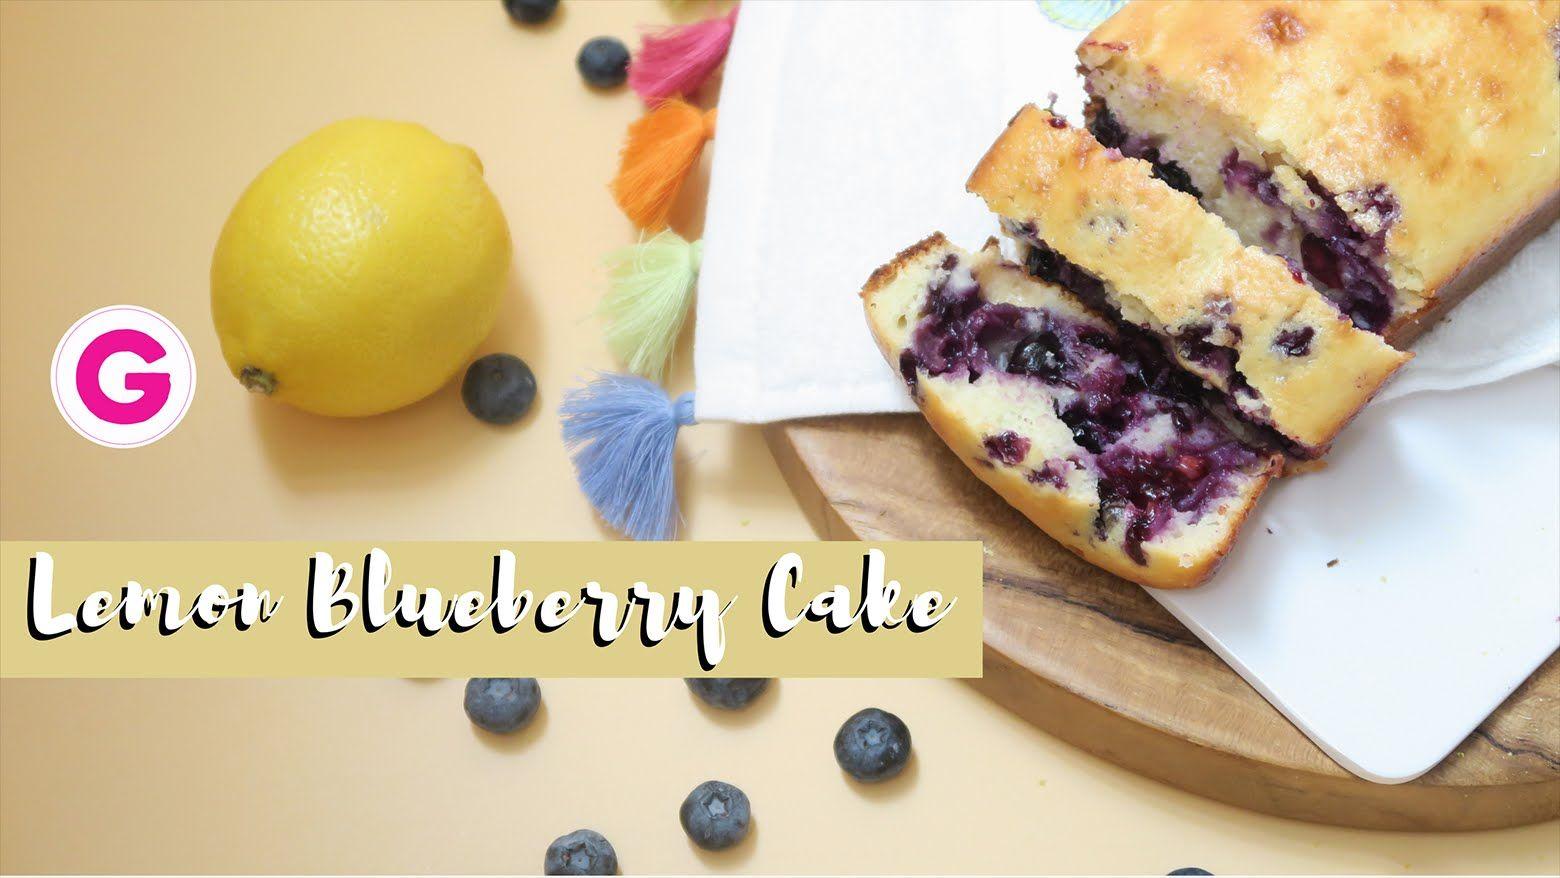 Lemon Blueberry Cake كيكة الليمون والتوت الأزرق Gege S Life Youtube Lemoncake Food Blog Cooking Recipes